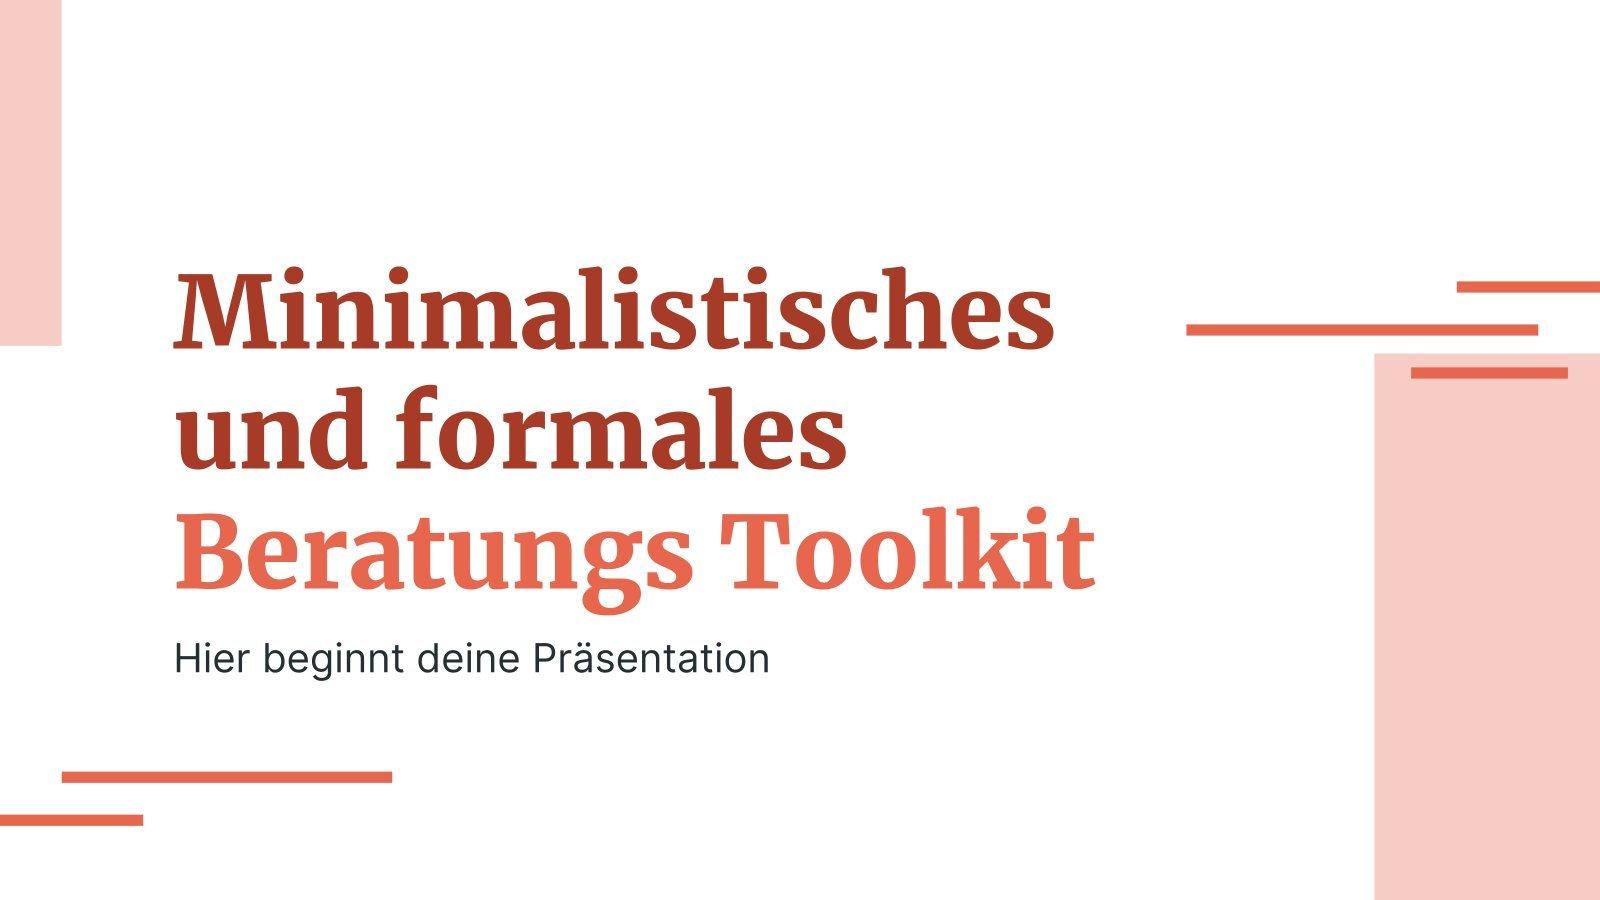 Minimalistisches und formales Beratungs Toolkit Präsentationsvorlage